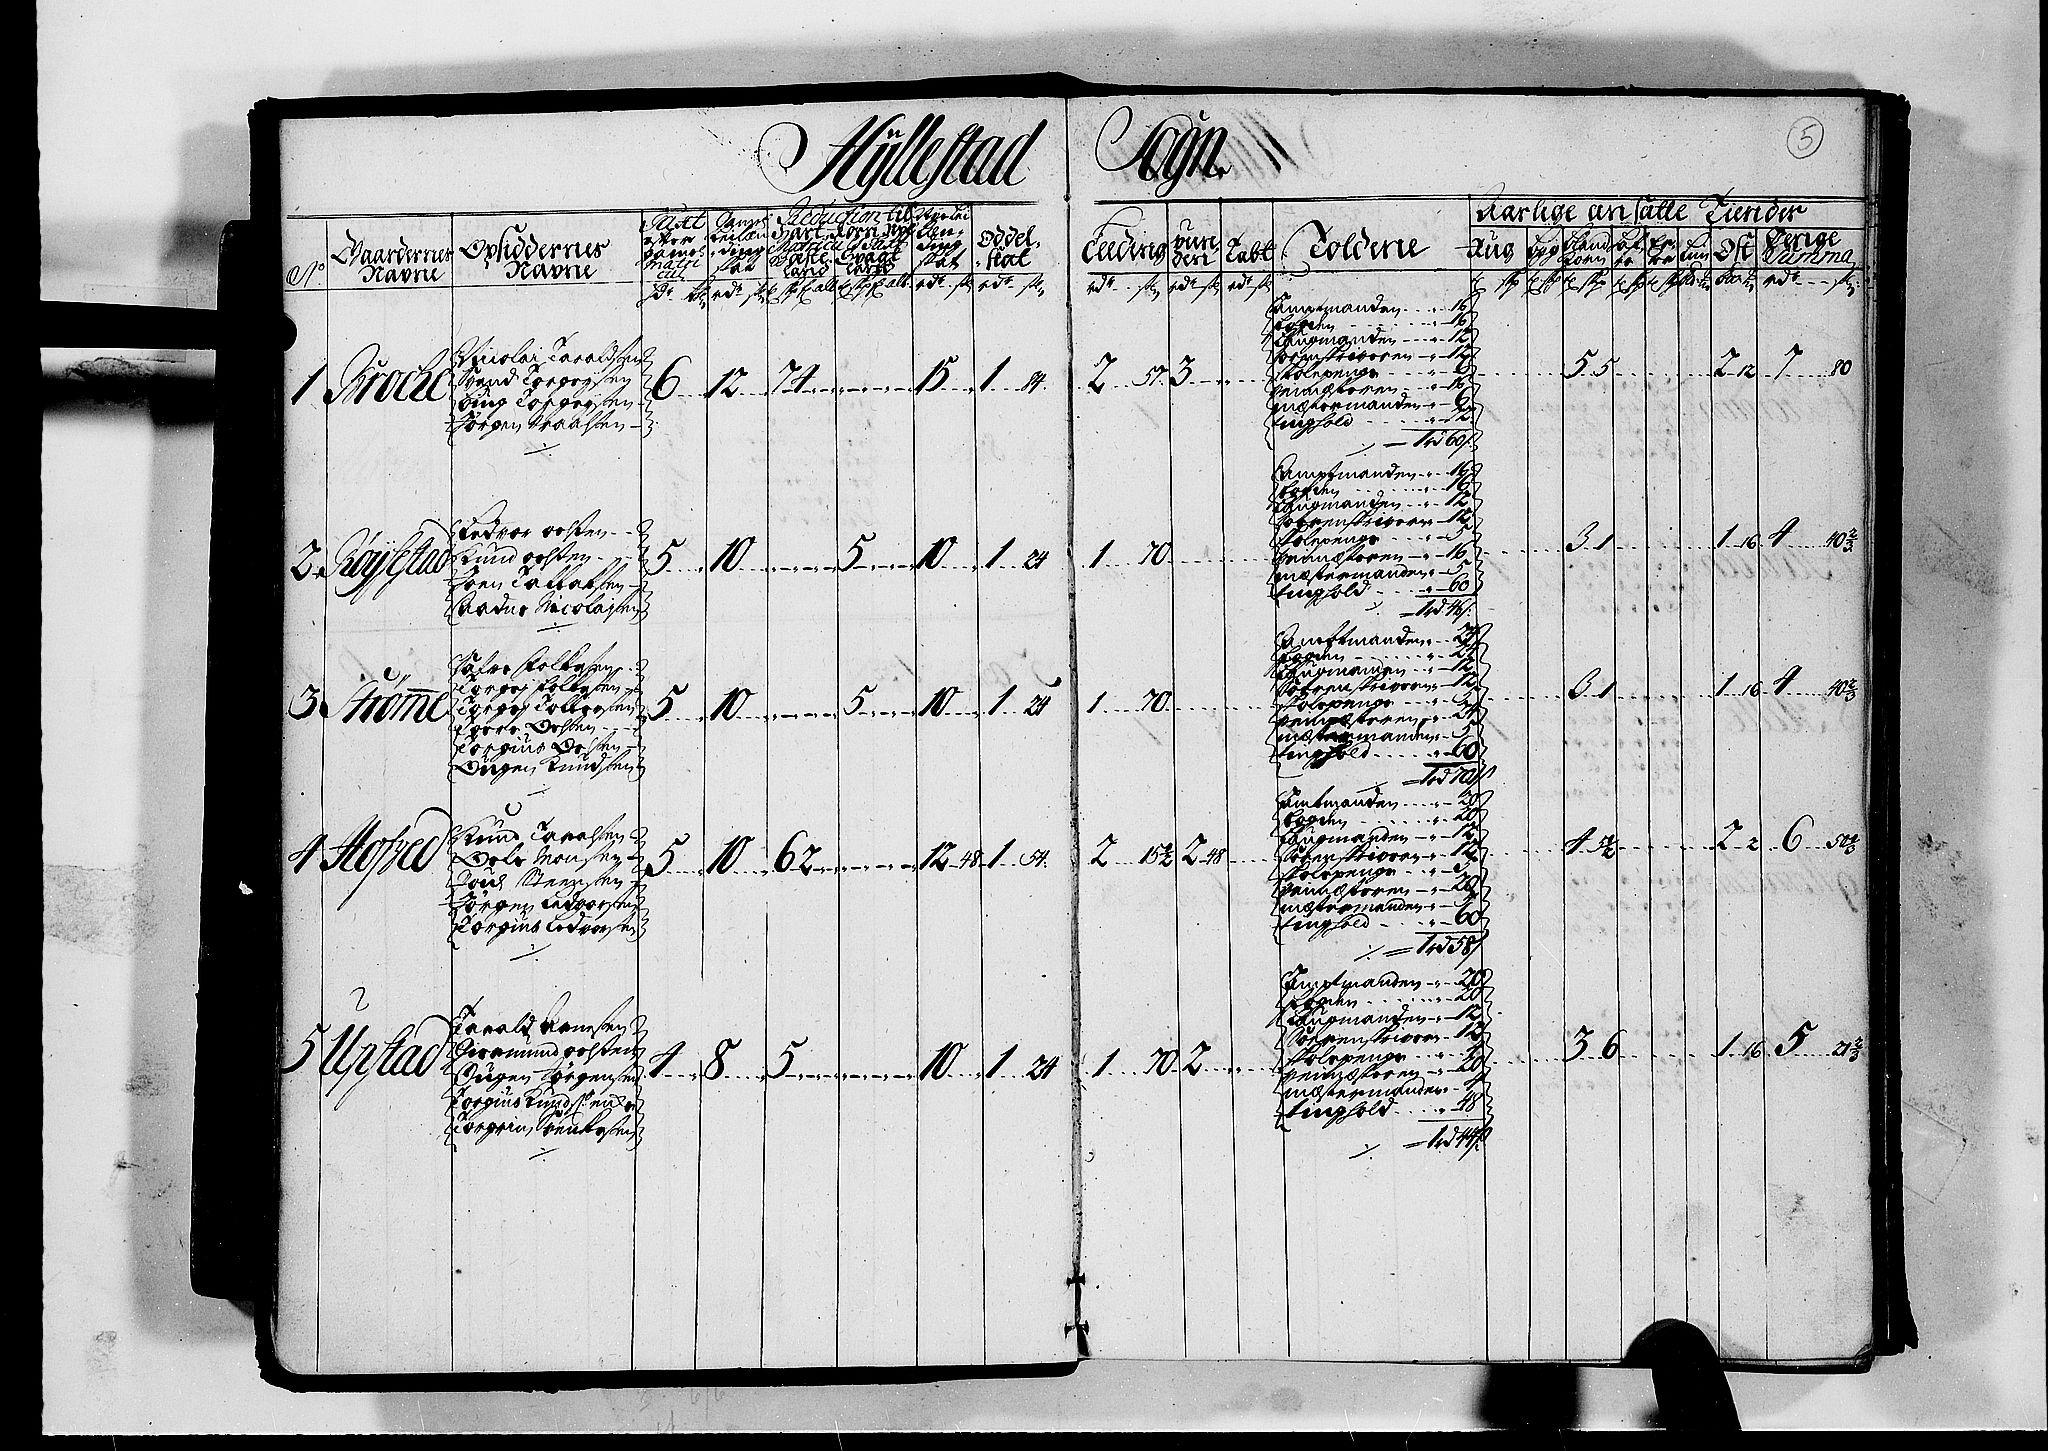 RA, Rentekammeret inntil 1814, Realistisk ordnet avdeling, N/Nb/Nbf/L0126: Råbyggelag matrikkelprotokoll, 1723, s. 4b-5a